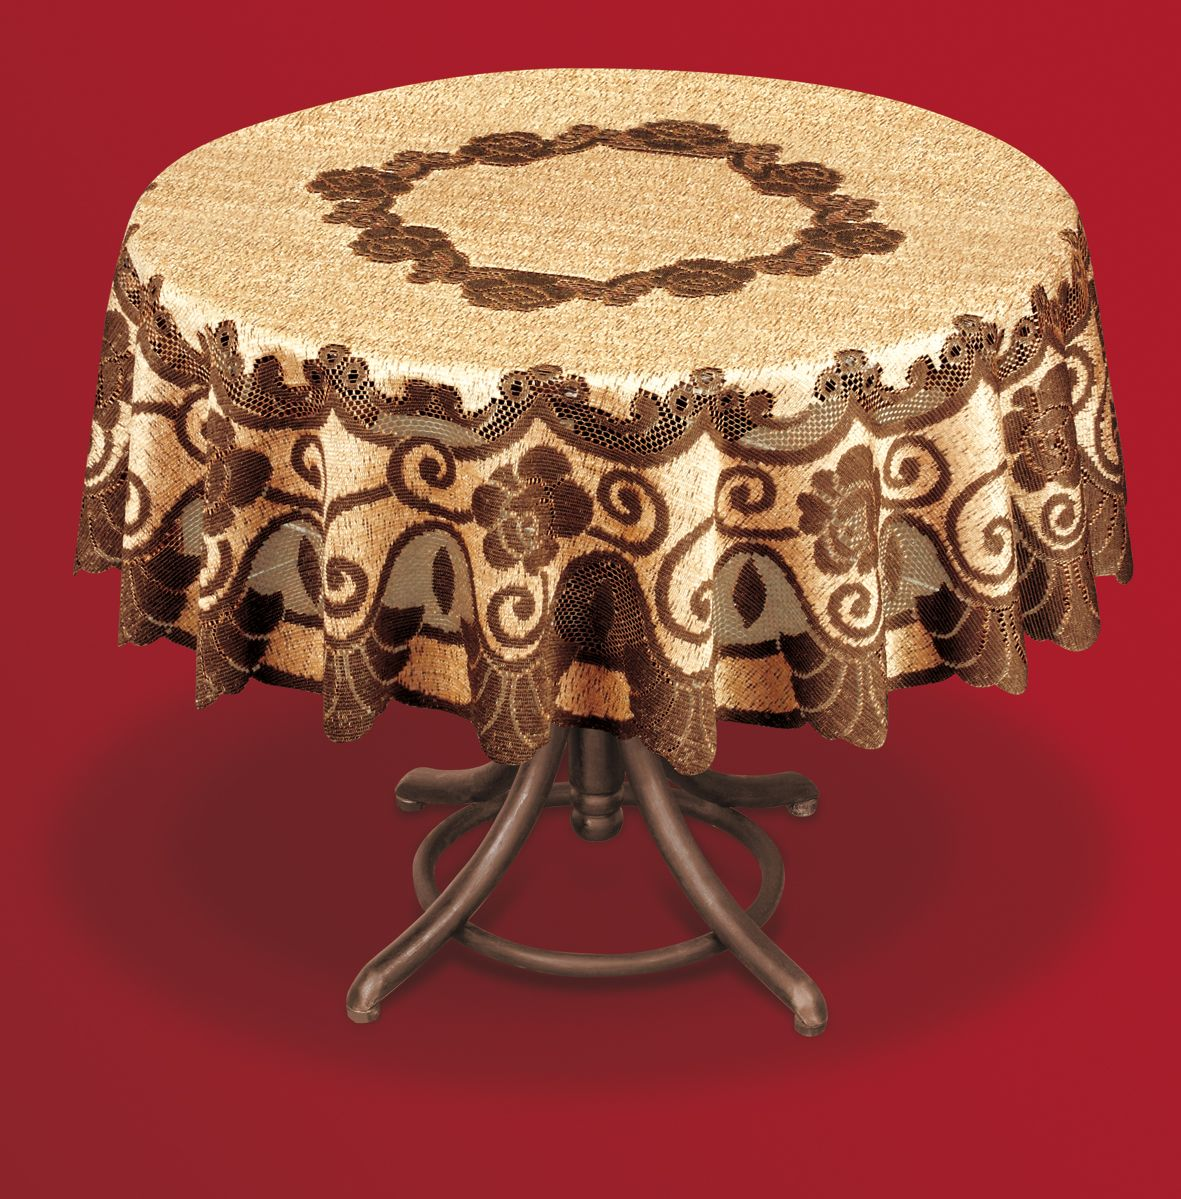 Скатерть Haft, круглая, цвет: коричневый, бежевый, диаметр 200 см. 201553201553/200 кофейно-коричневыйВеликолепная скатерть Haft, выполненная из полиэстера, органично впишется в интерьер любого помещения, а оригинальный дизайн удовлетворит даже самый изысканный вкус.Скатерть Haft создаст праздничное настроение и станет прекрасным дополнением интерьера гостиной, кухни или столовой.